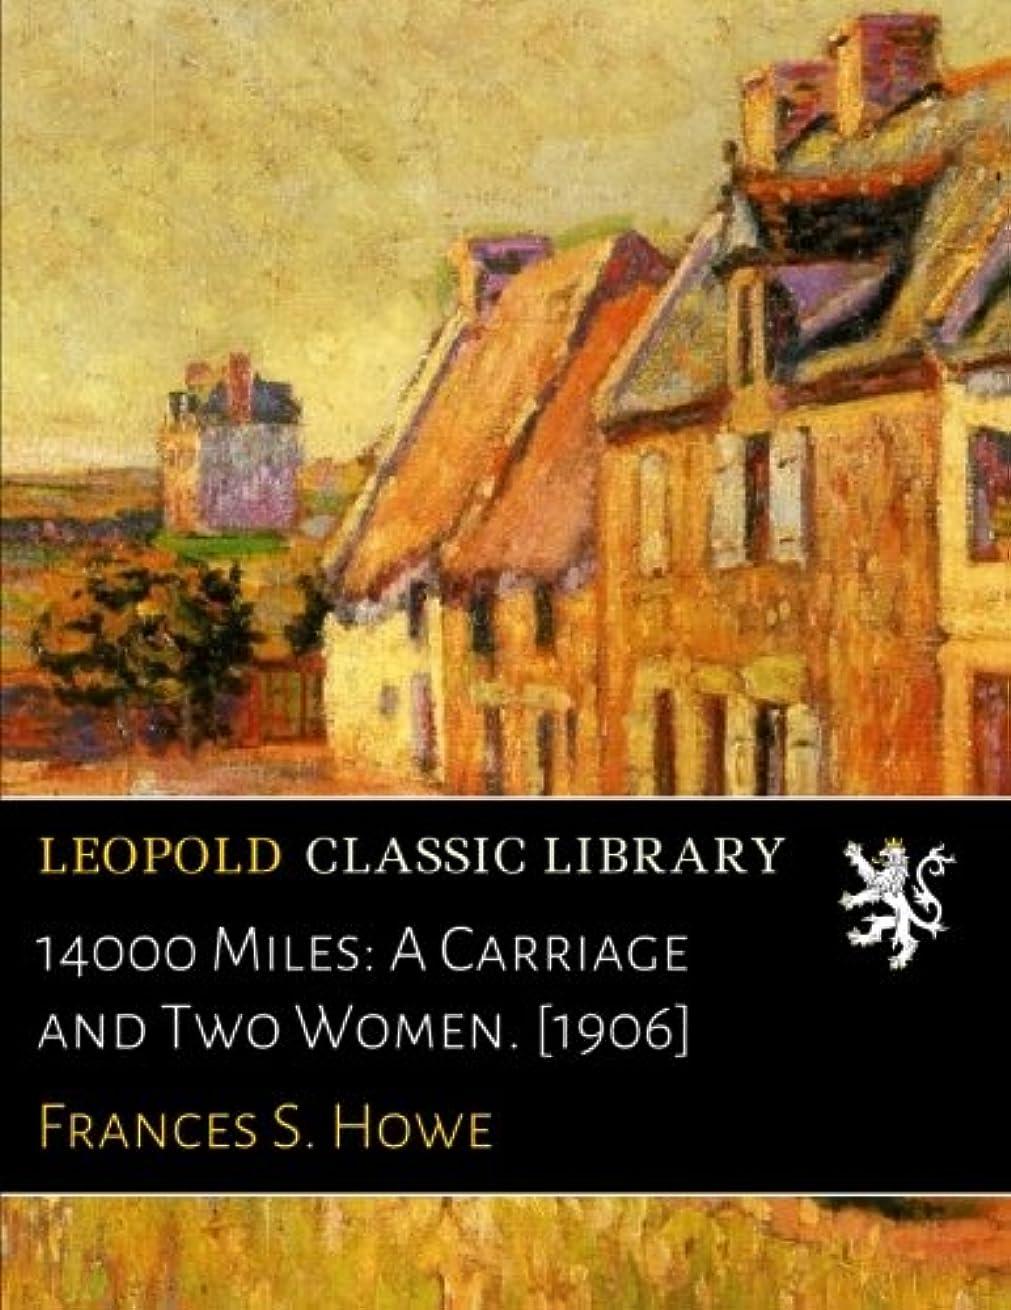 支払いめ言葉覚えている14000 Miles: A Carriage and Two Women. [1906]